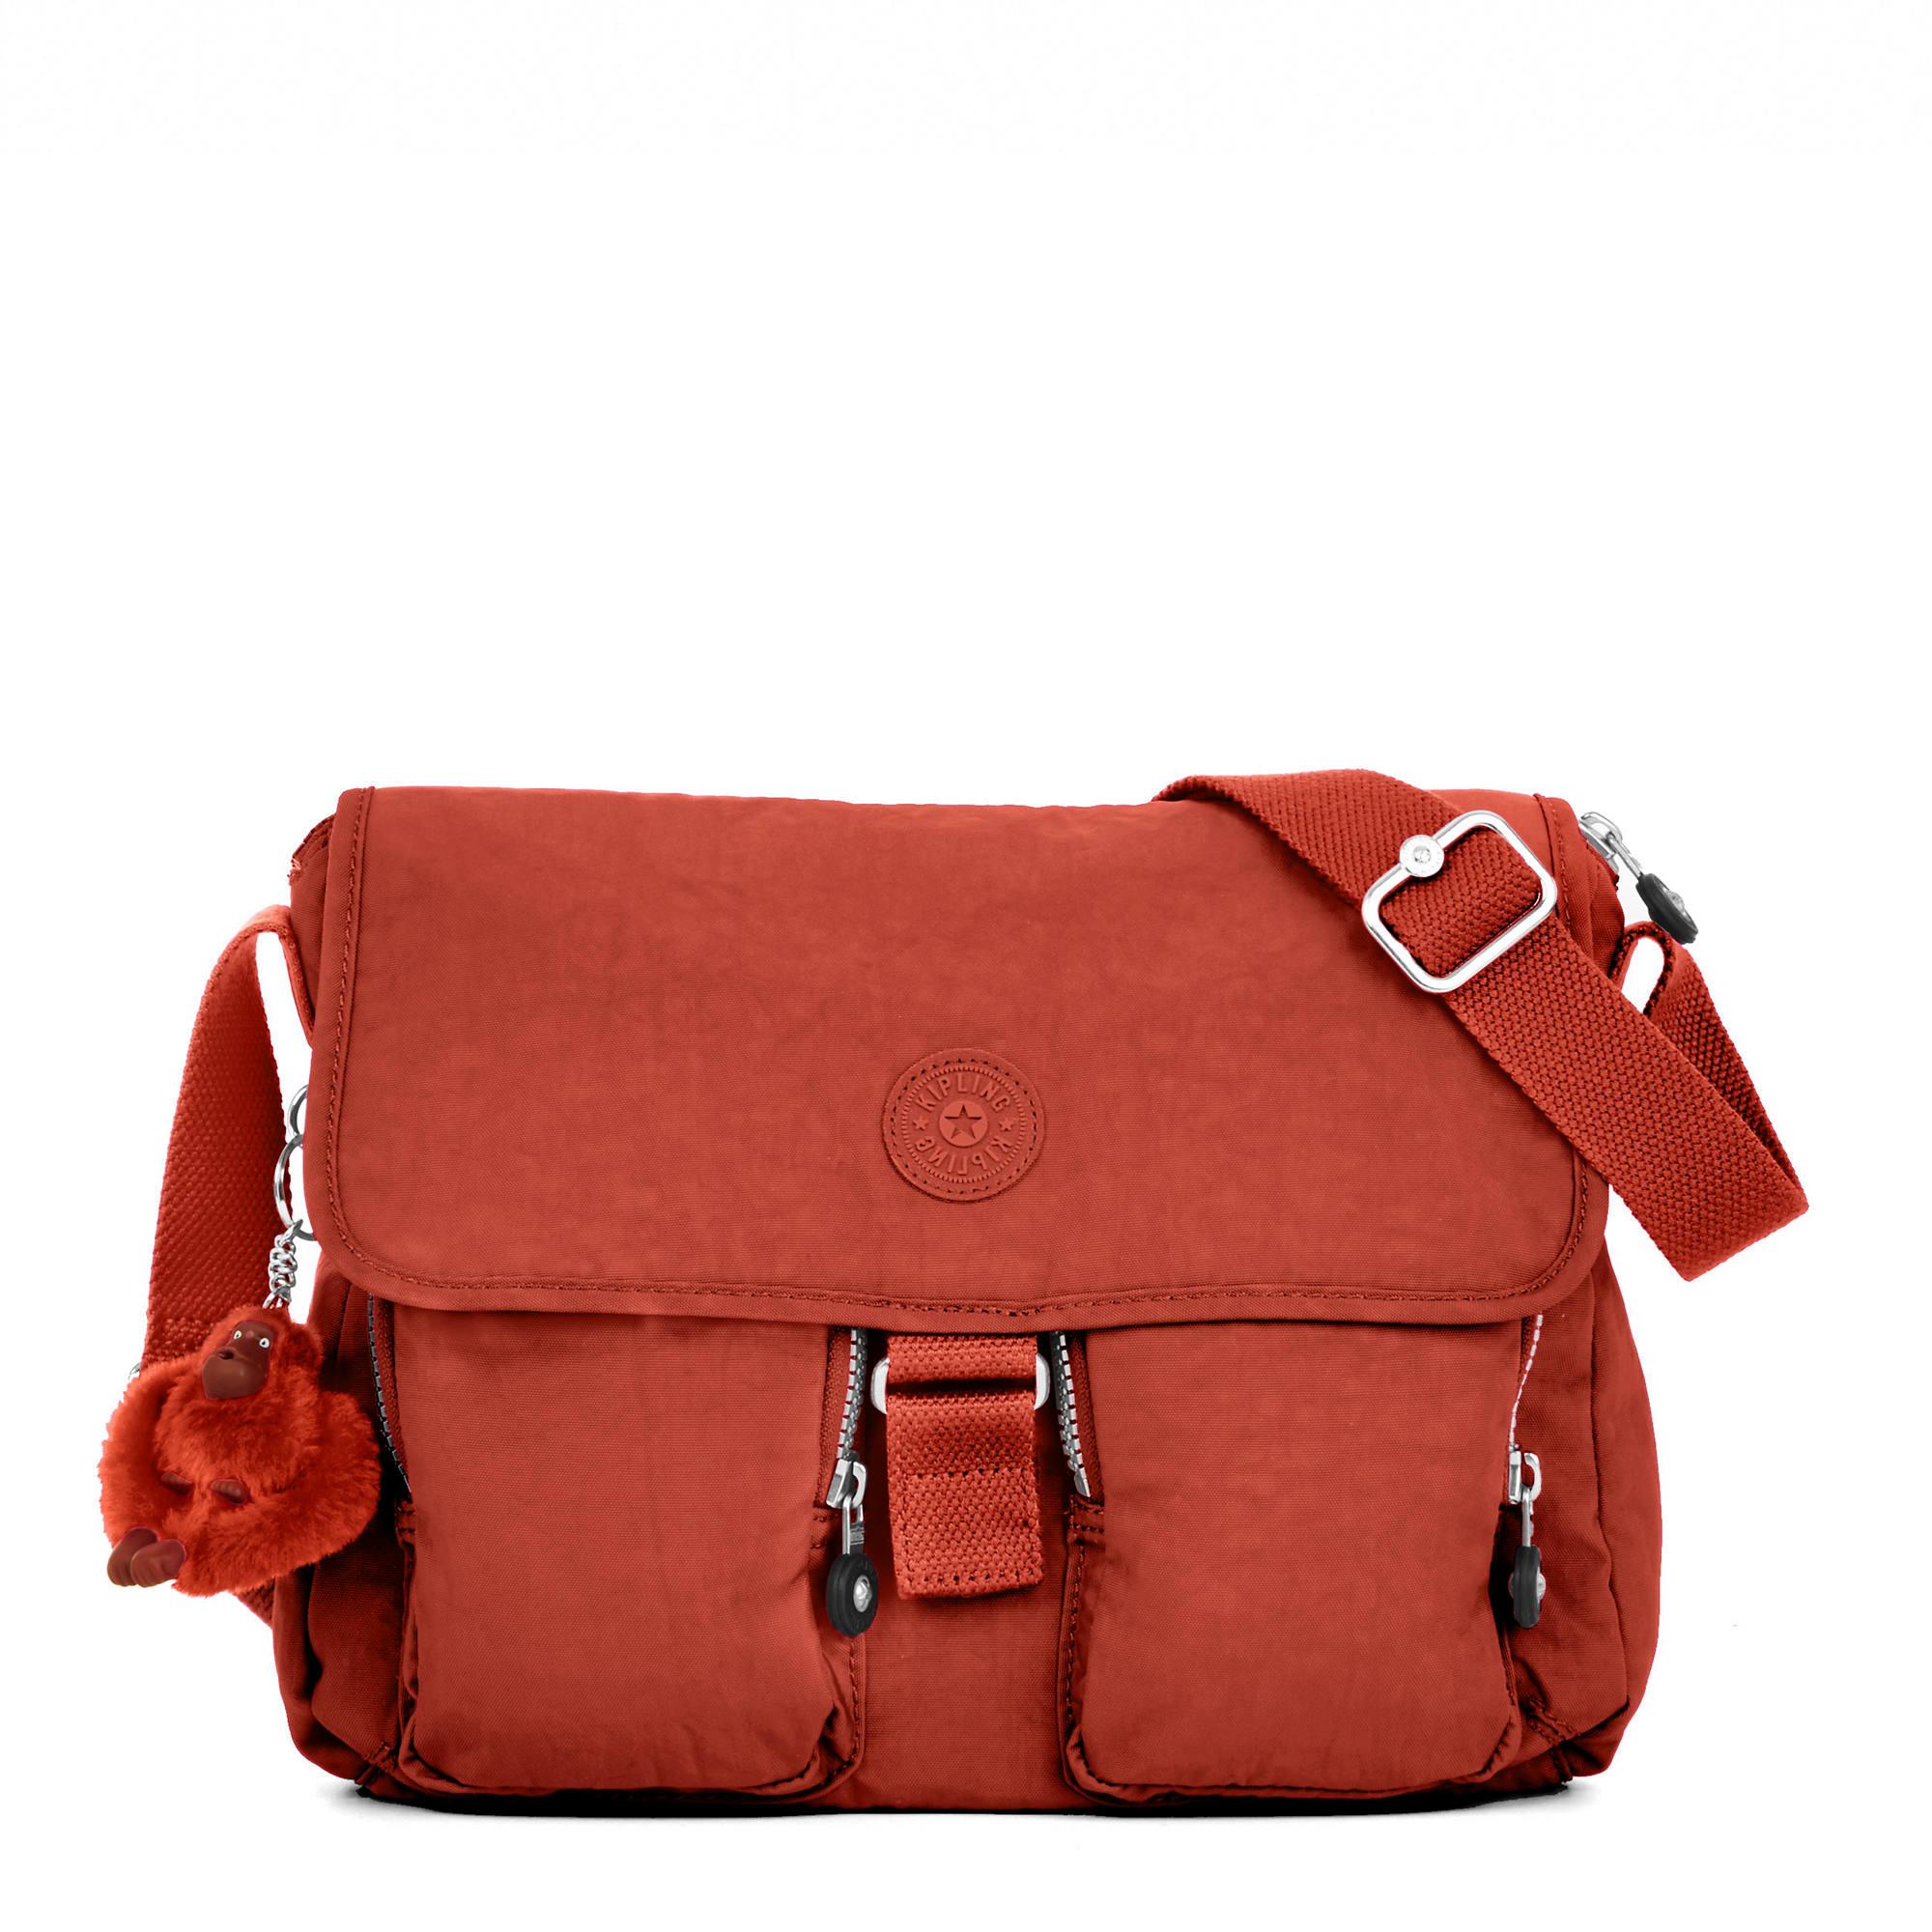 b74043f583e New Rita Medium Crossbody Bag,Red Rust,large